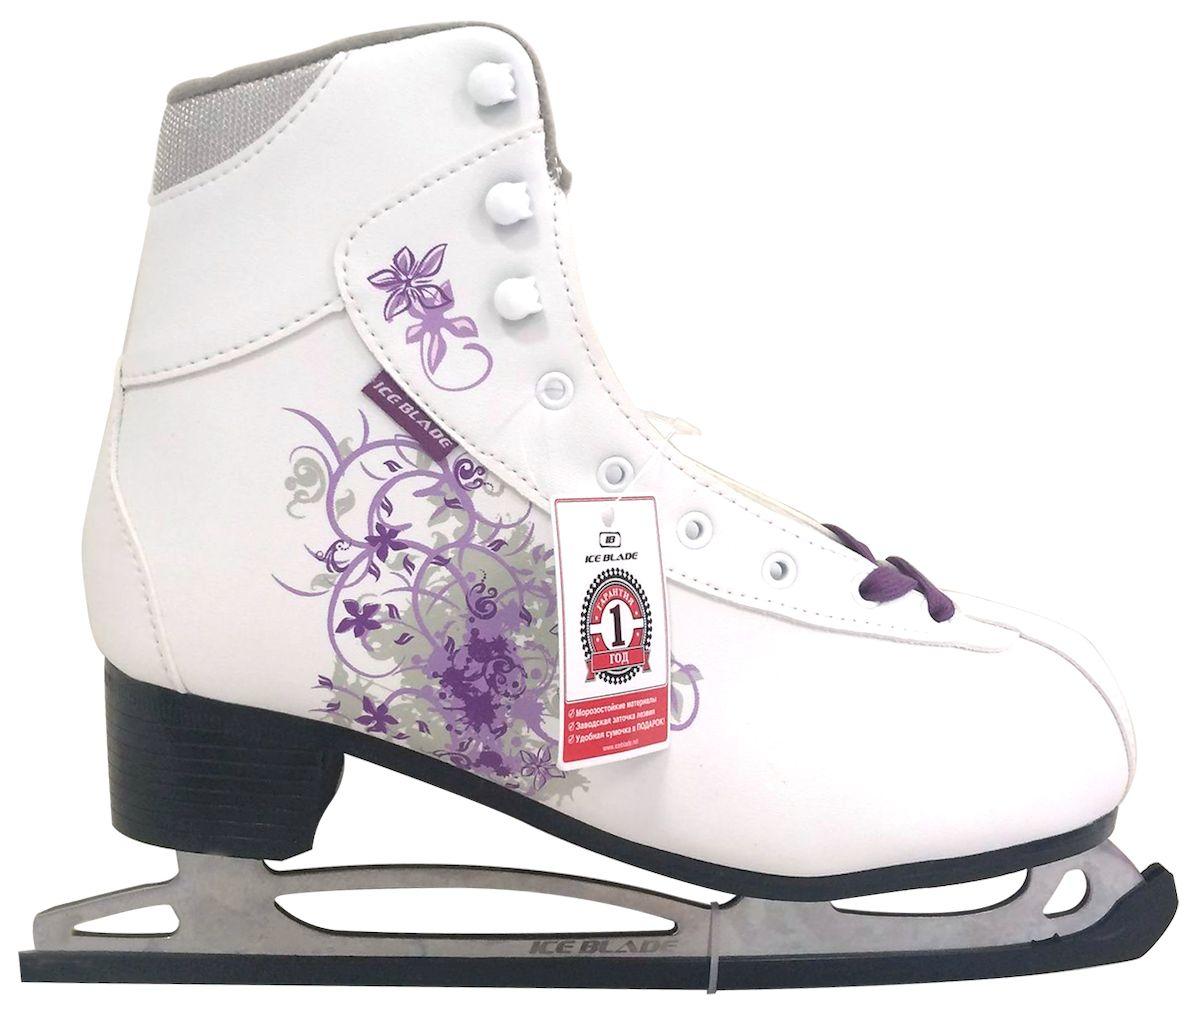 Коньки фигурные Ice Blade Sochi, цвет: белый, фиолетовый. УТ-00004988. Размер 32